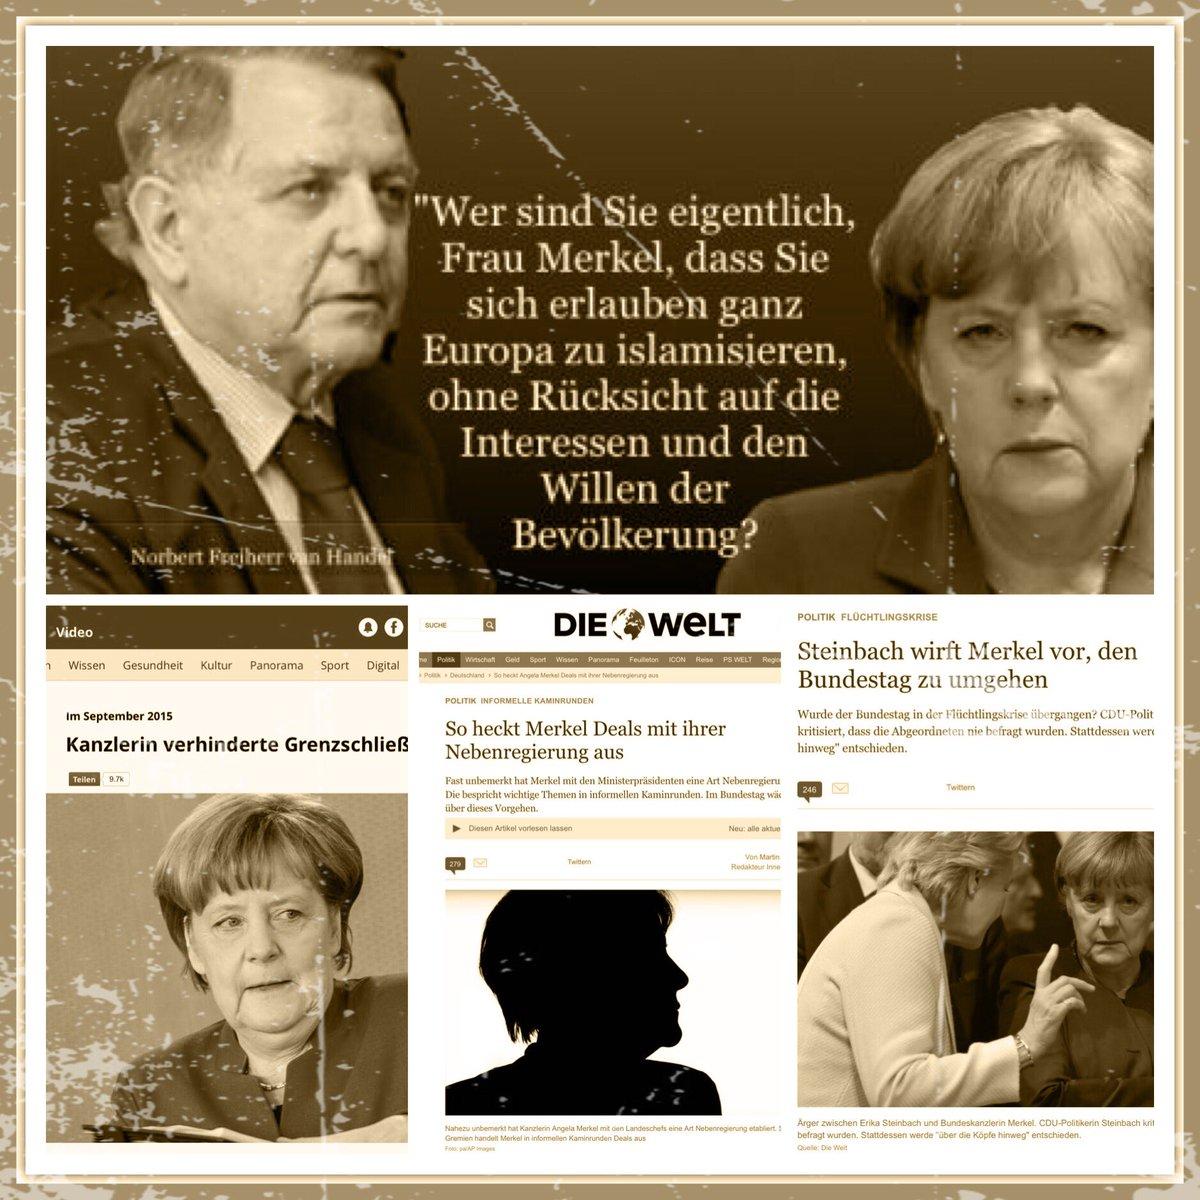 Wer sind sie eigentlich, Frau Merkel, dass sie sich erlauben, ganz Europa zu islamisieren ohne Rücksicht auf die Interessen und den Willen der Bevölkerung #Date:06.2016#